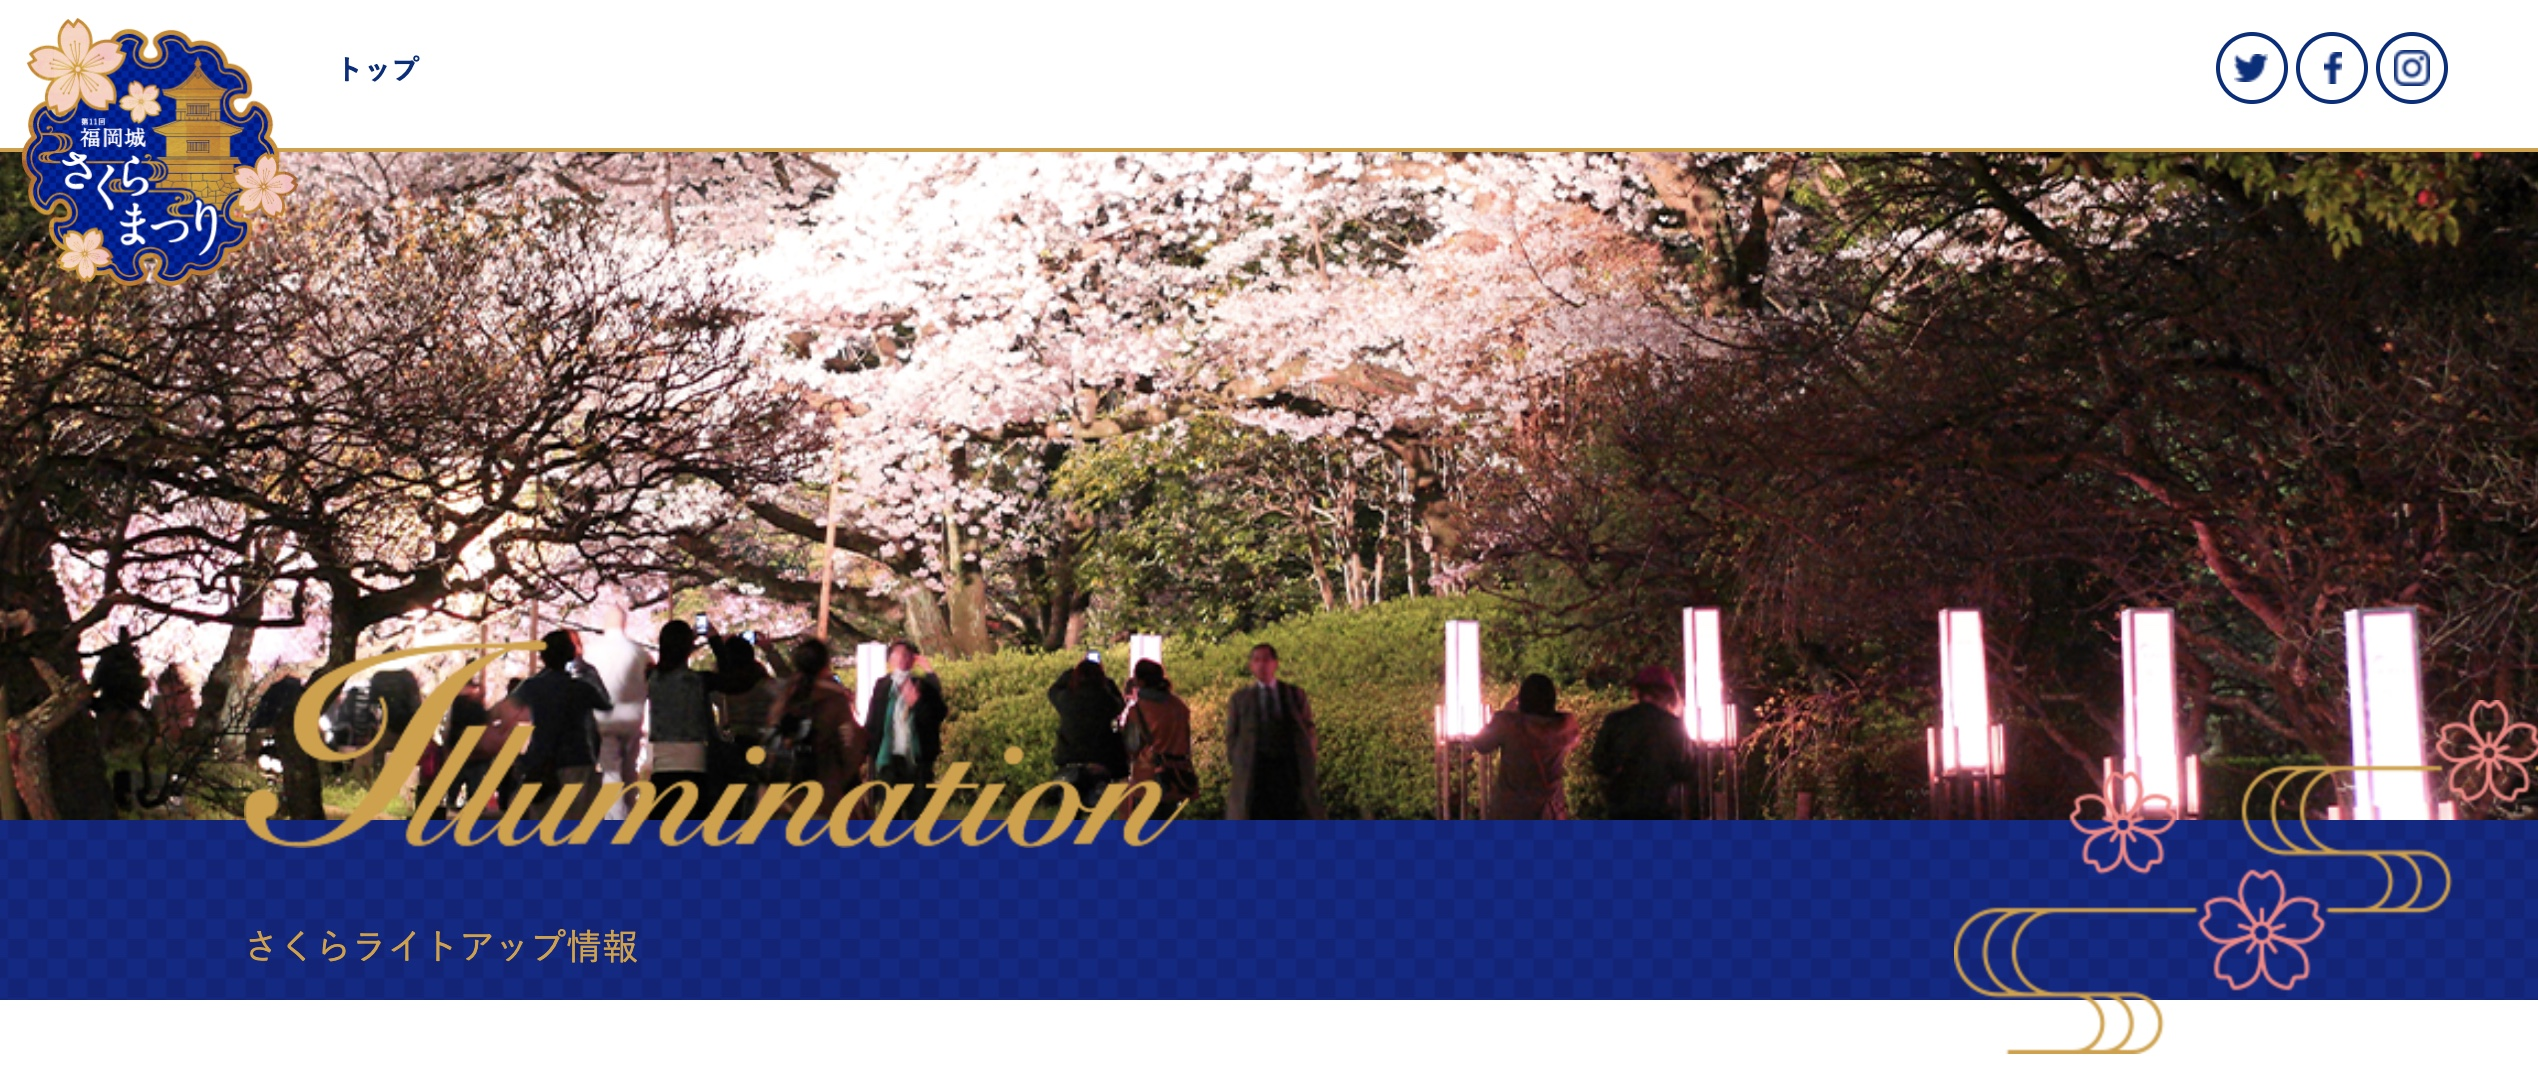 舞鶴公園ライトアップ